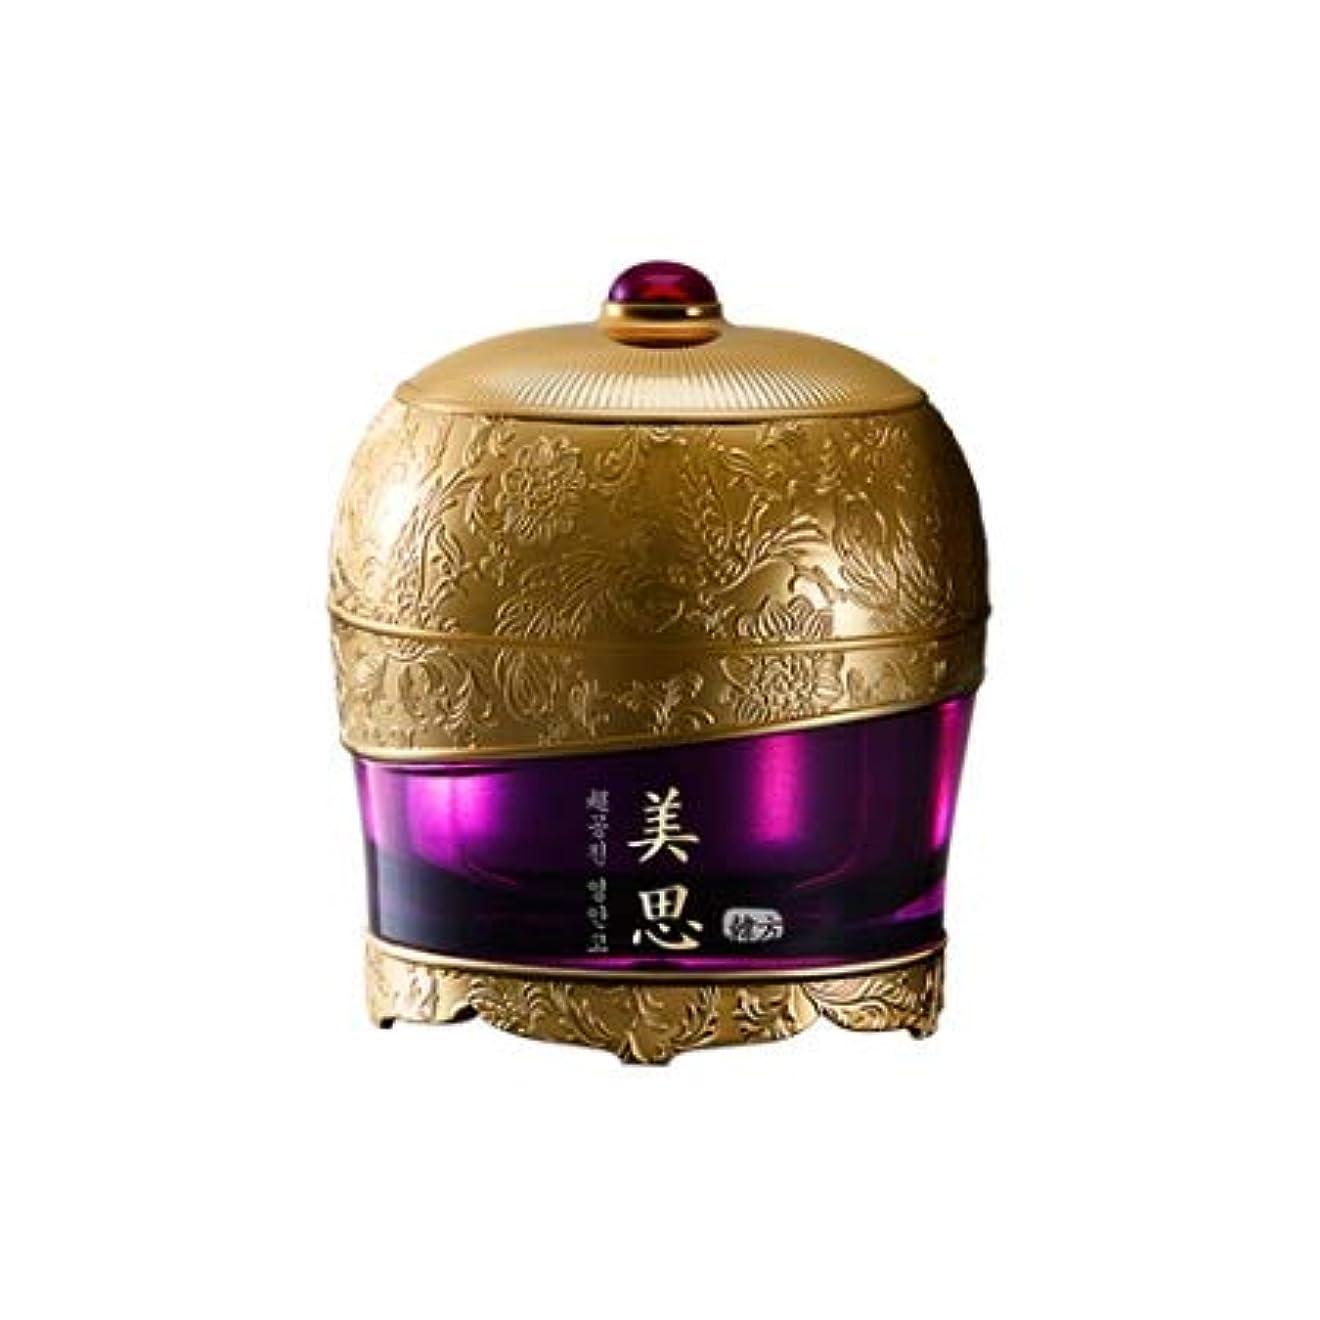 取り付けスキャンダルソブリケットMISSHA Chogongjin Premium cream ミシャ美思超拱辰(チョゴンジン) 永安膏 クリーム クリーム 60ml [並行輸入品]